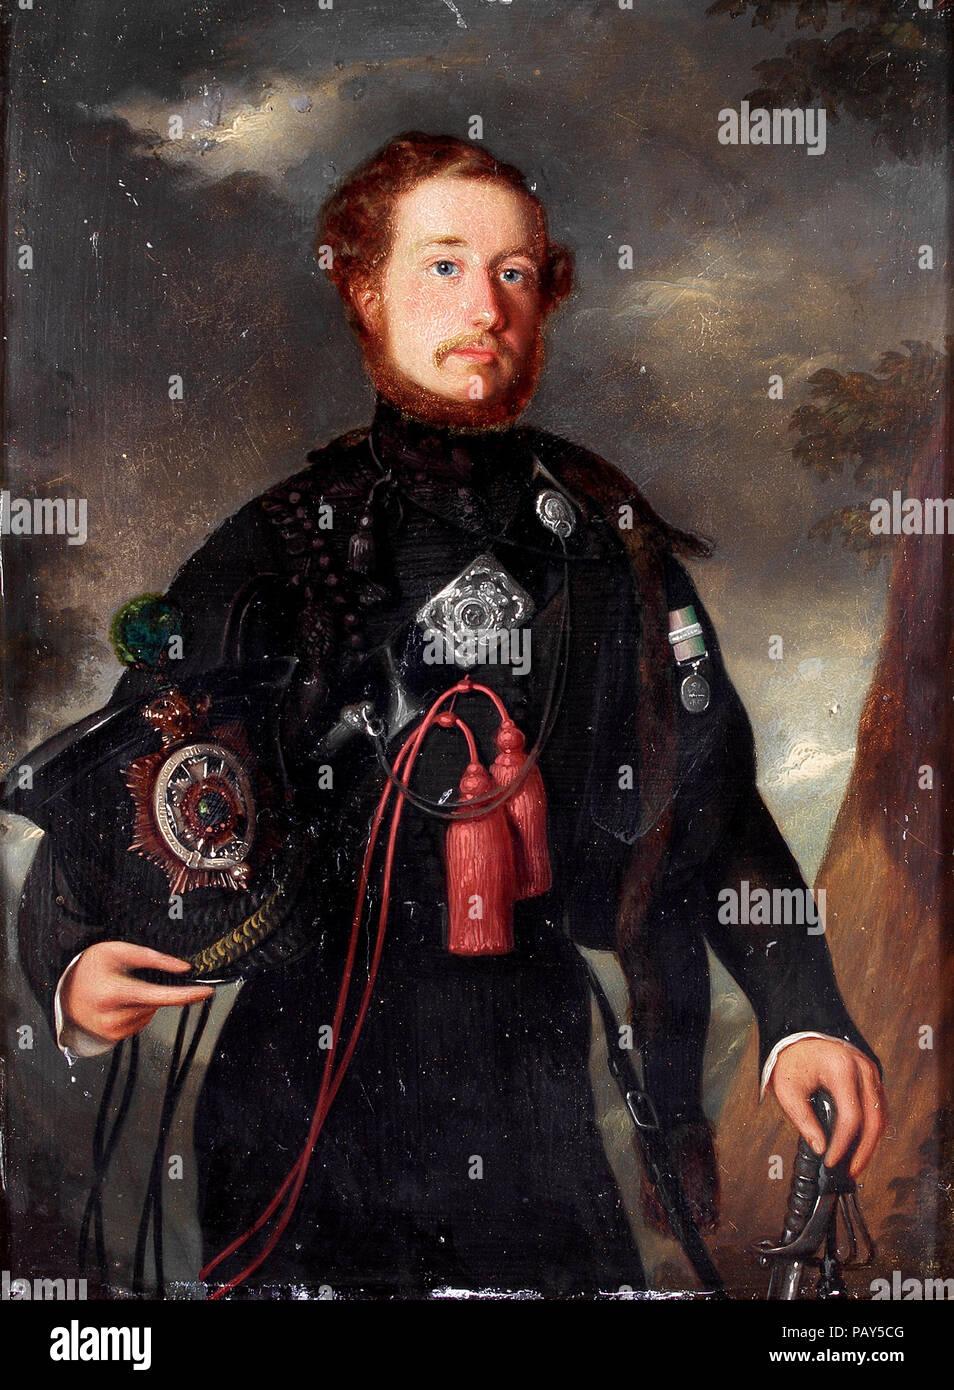 Porträt von einem Beamten einer East India Company Rifle Regiment Stockbild